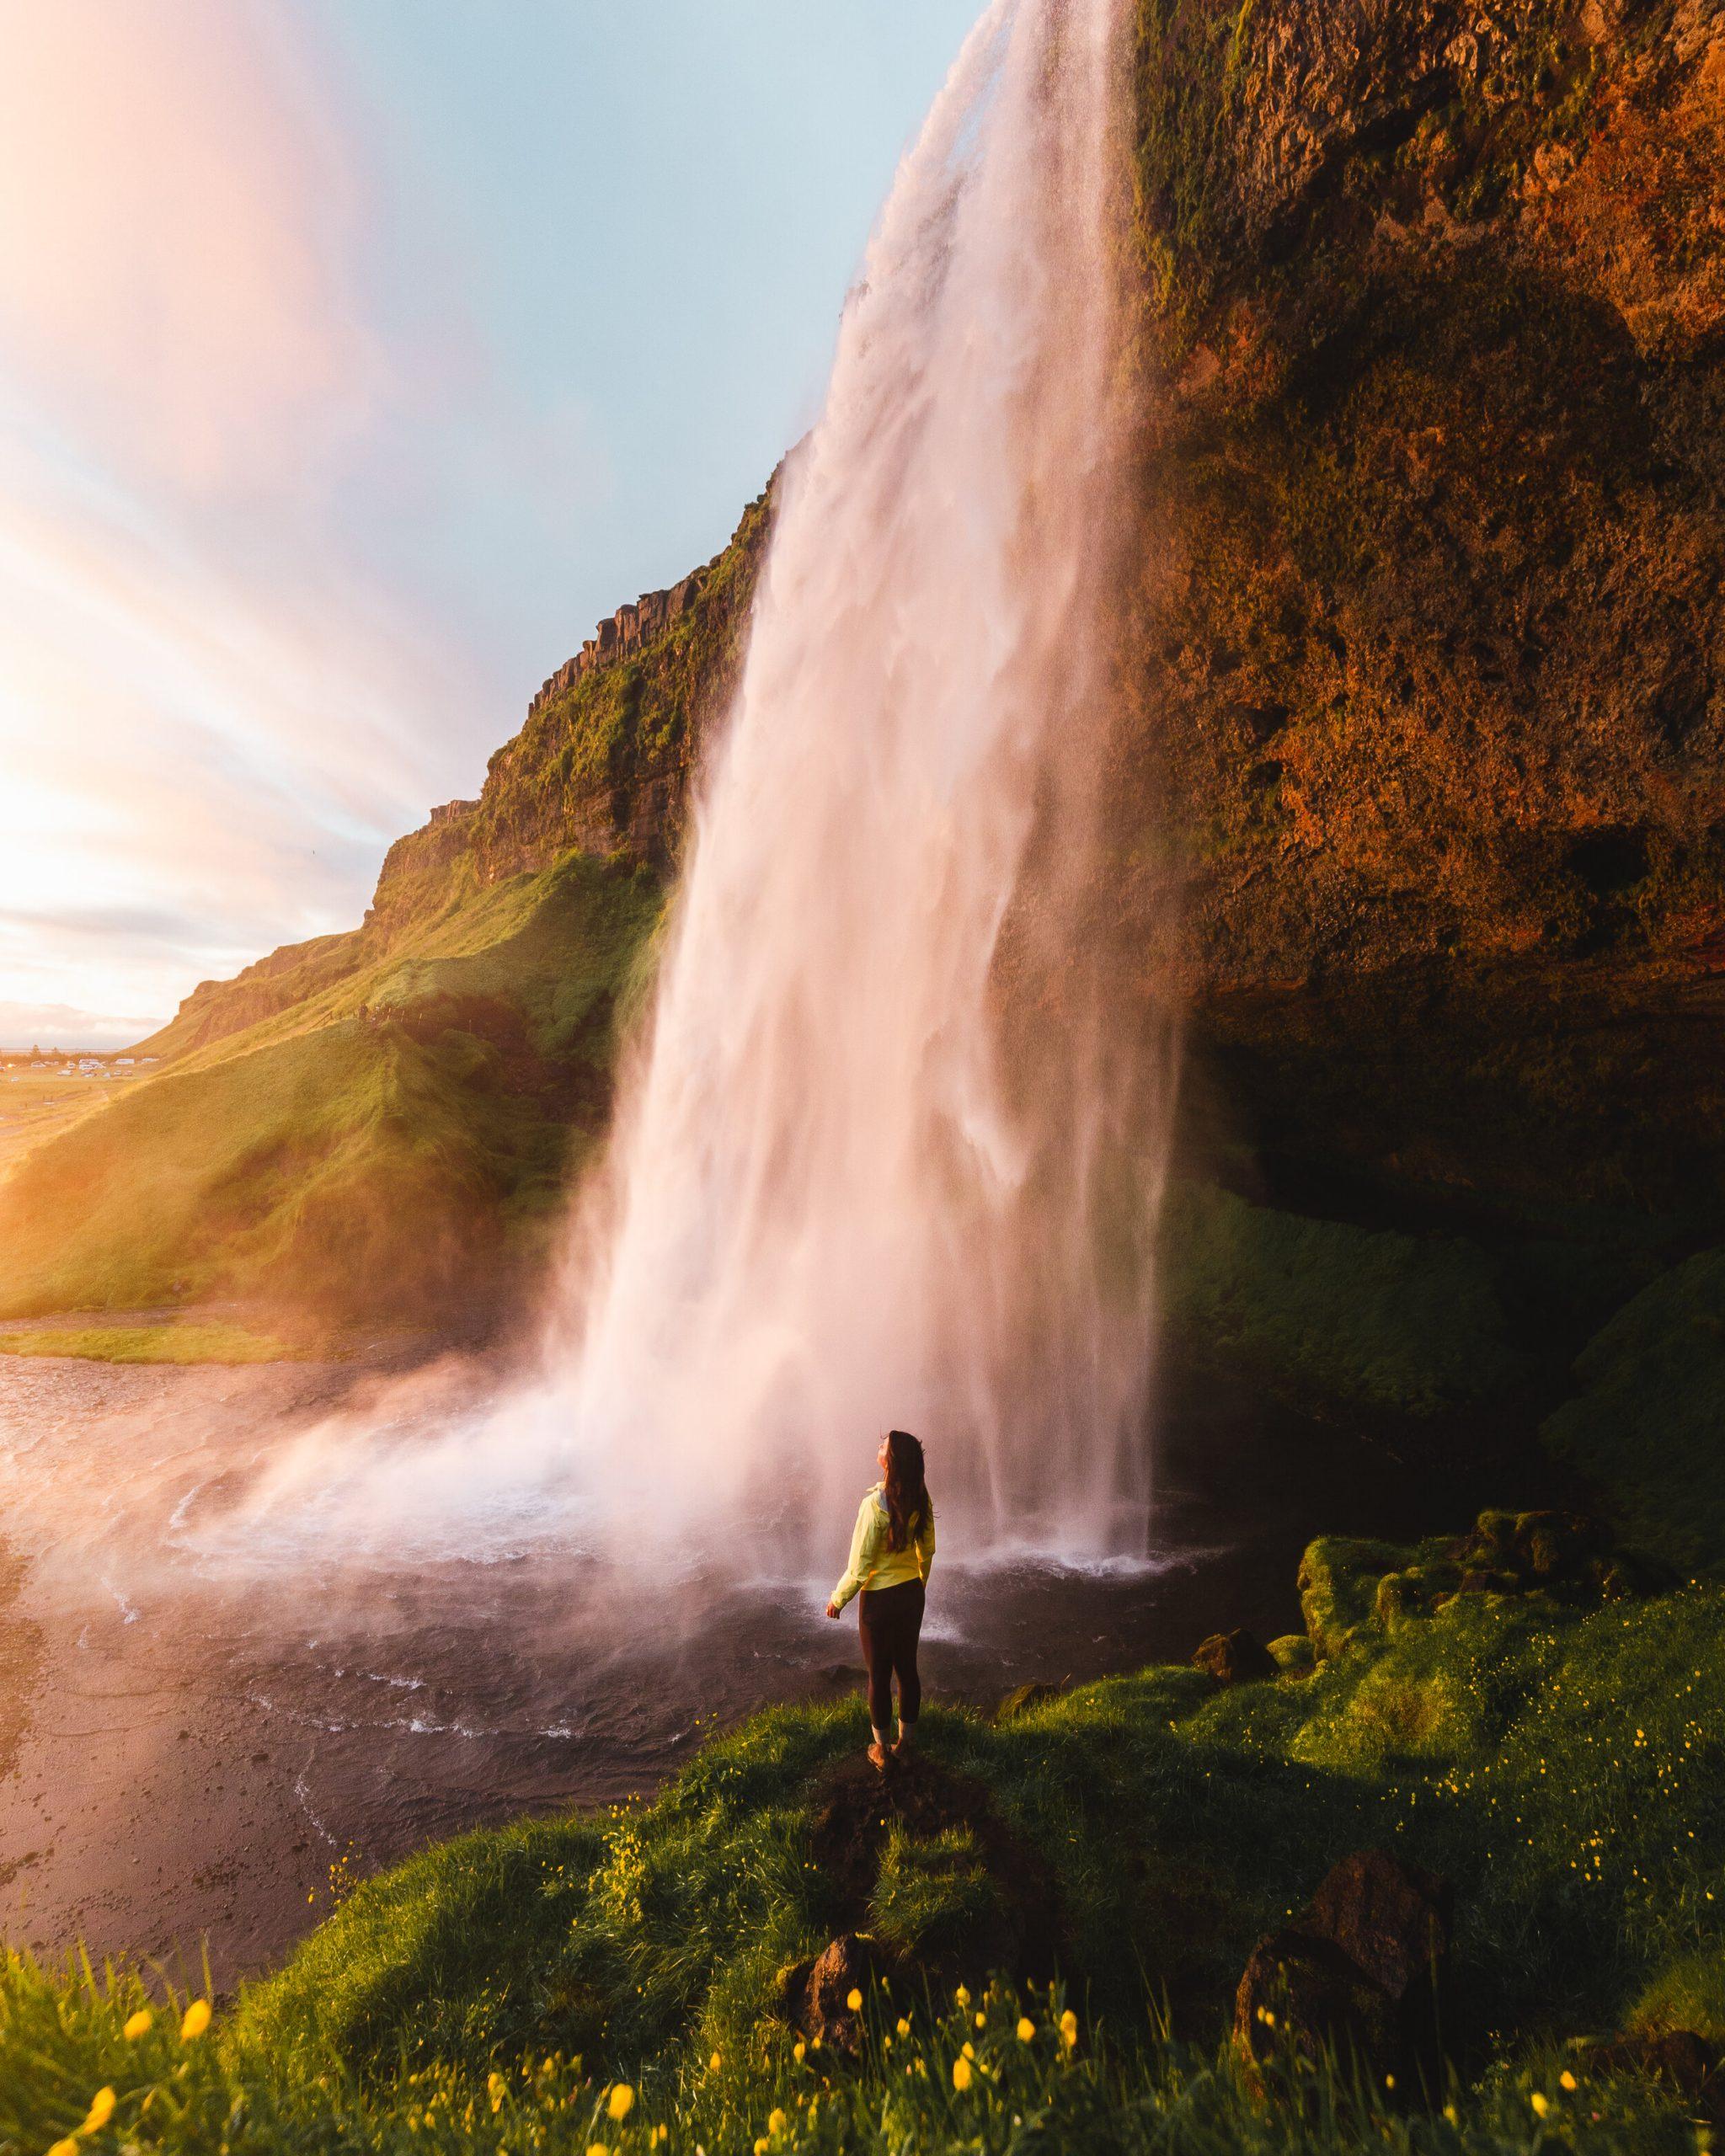 IcelandRoadTripSummerEdition